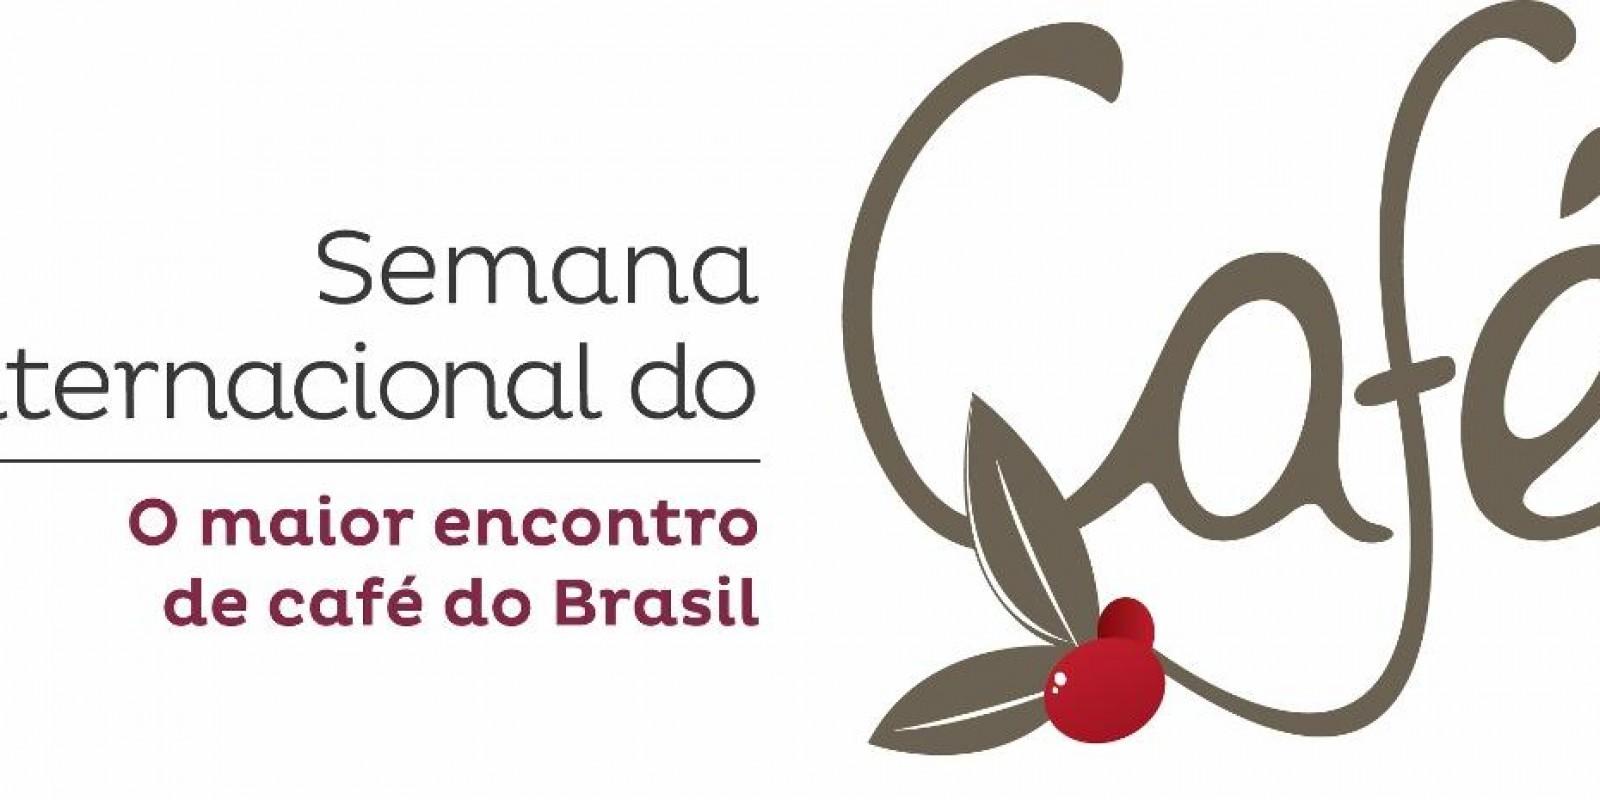 CAFÉS DE ALTA QUALIDADE E EM CÁPSULAS SÃO TENDÊNCIAS DE CONSUMO ENTRE OS BRASILEIROS